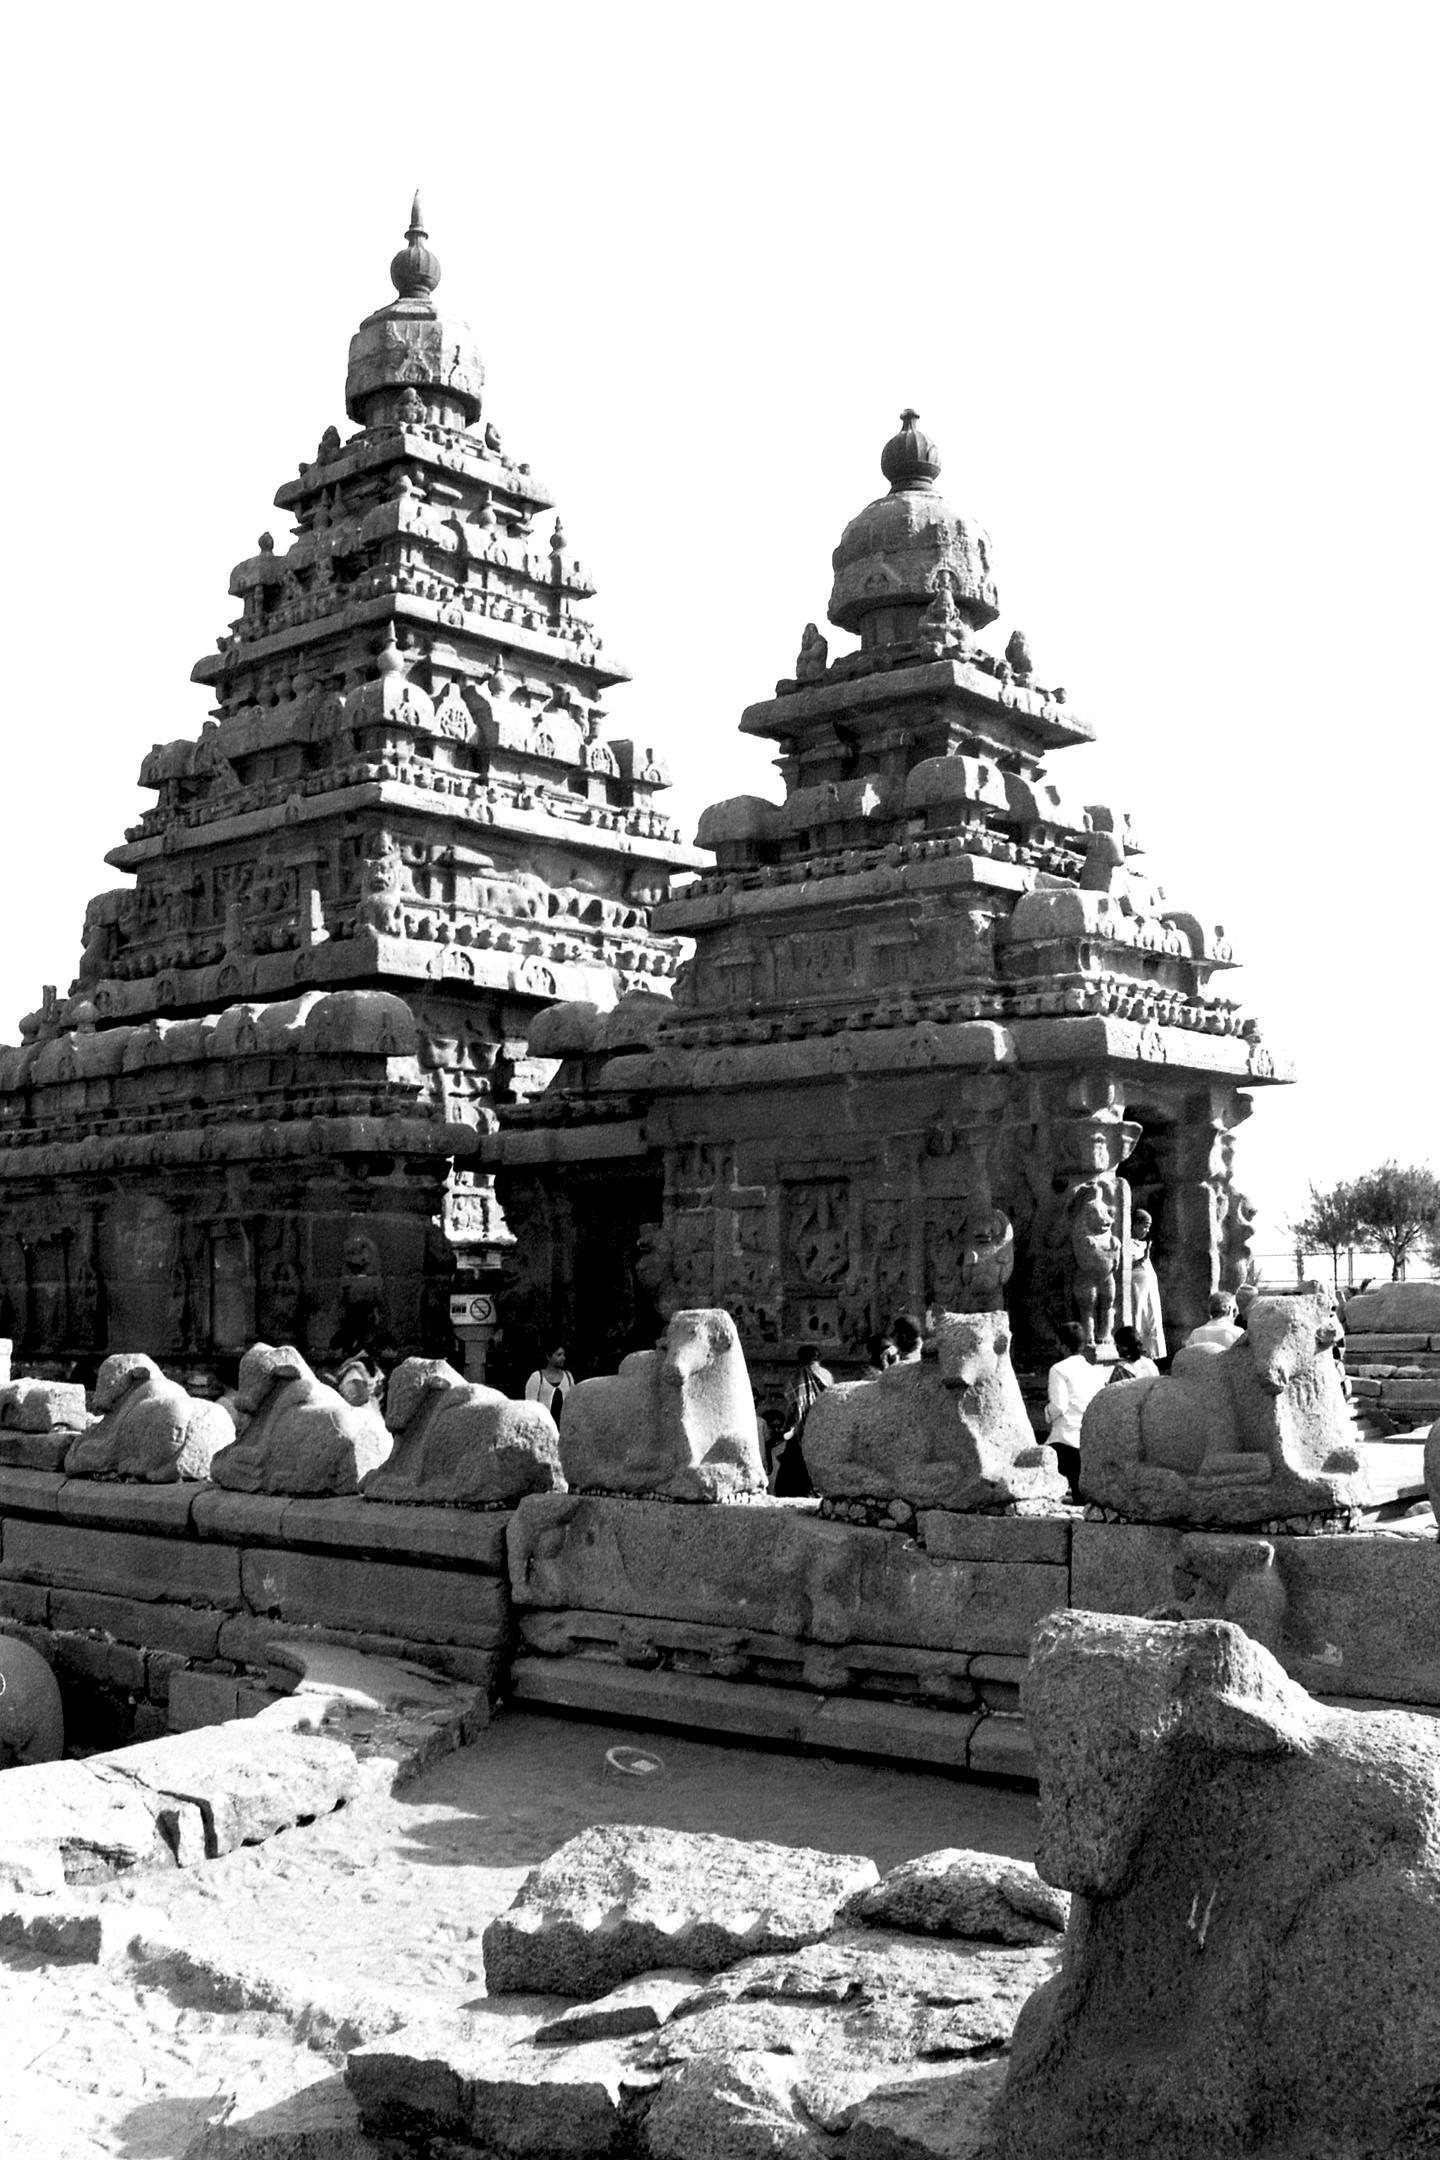 Shore Temple, Mahabalipuram 2020   Edition 1 of 2